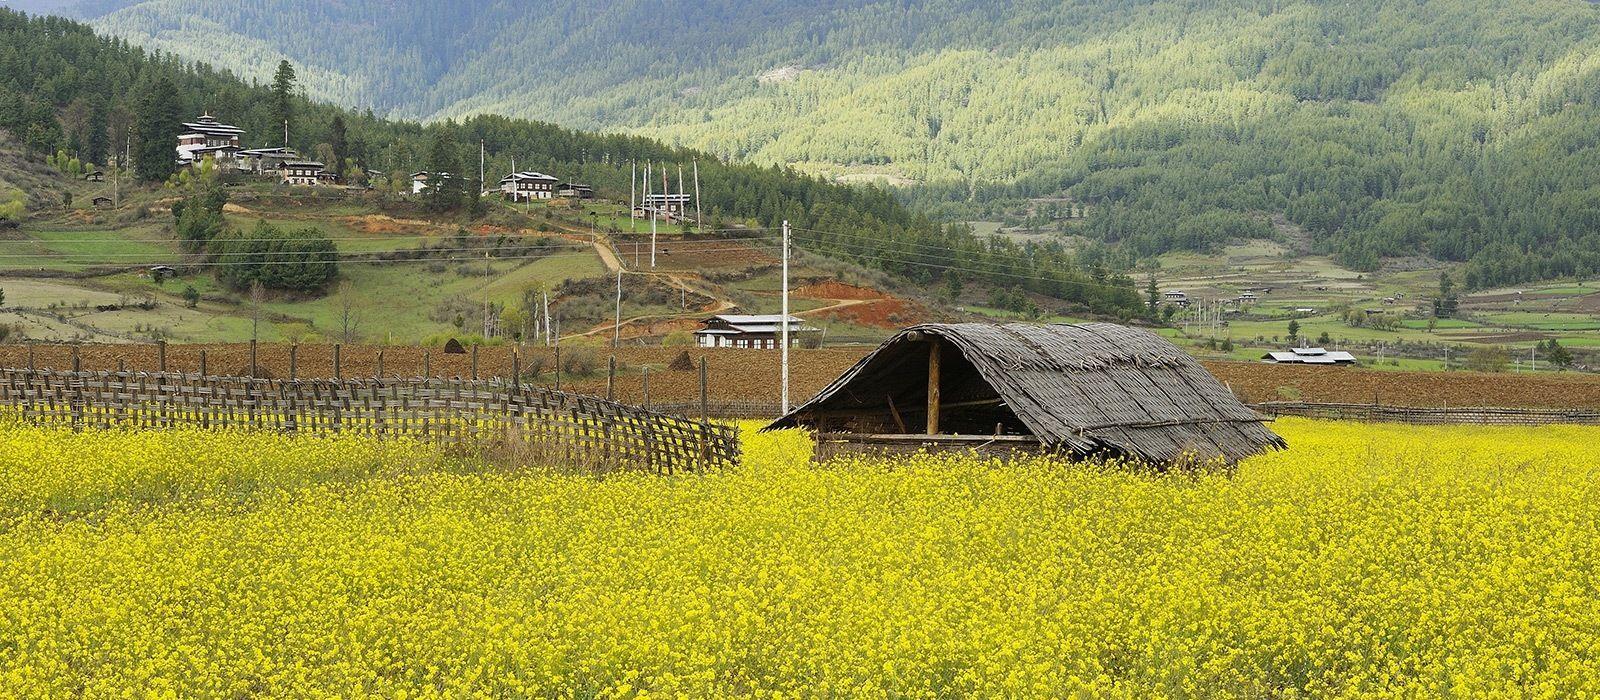 Reiseziel Bumthang Bhutan